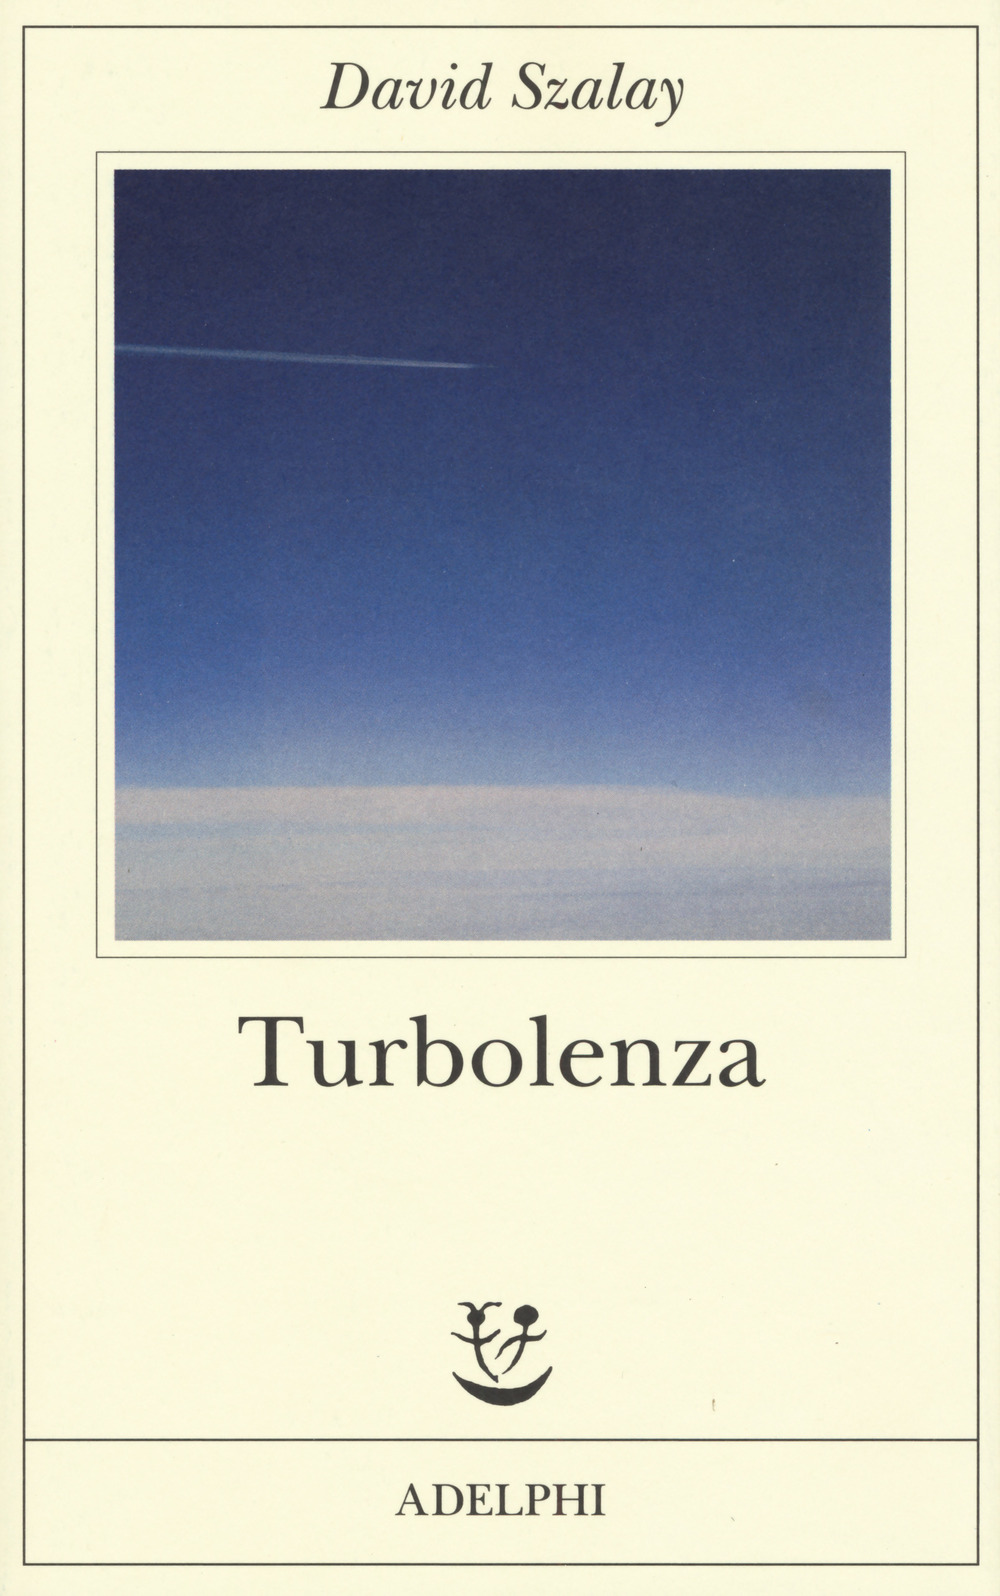 Turbolenza